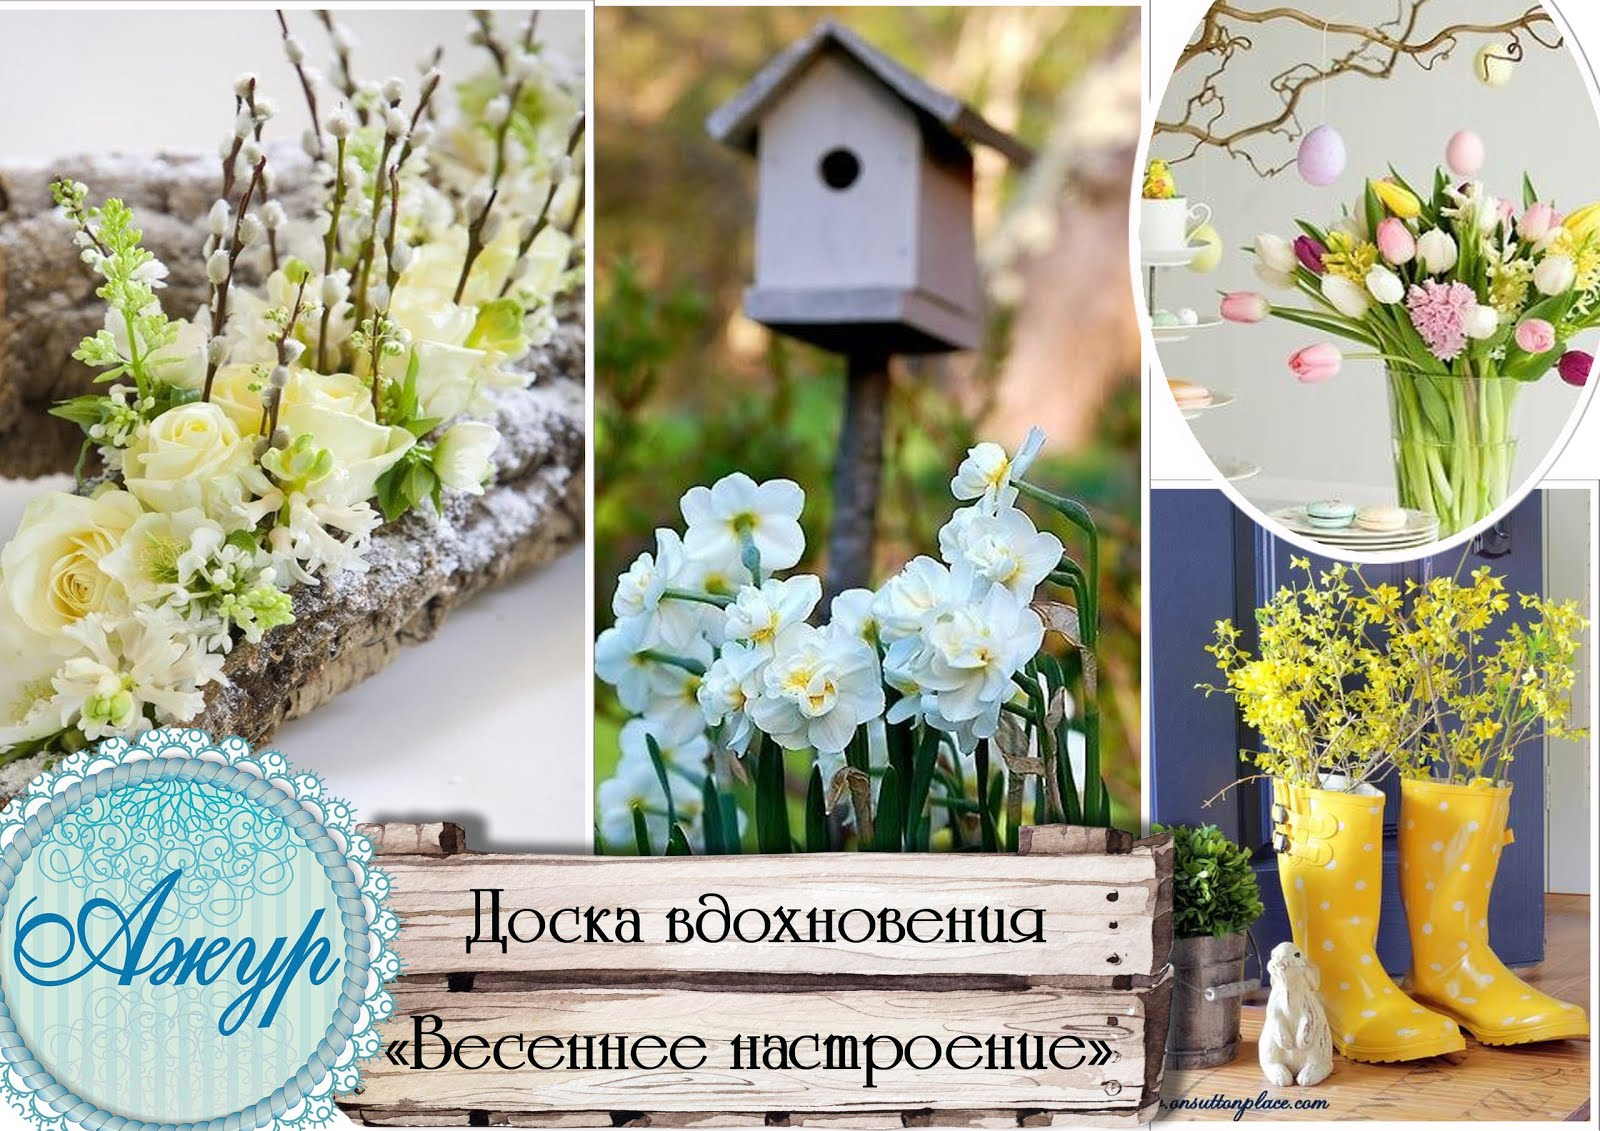 """Доска """"Весеннее настроение"""" до 05/05"""